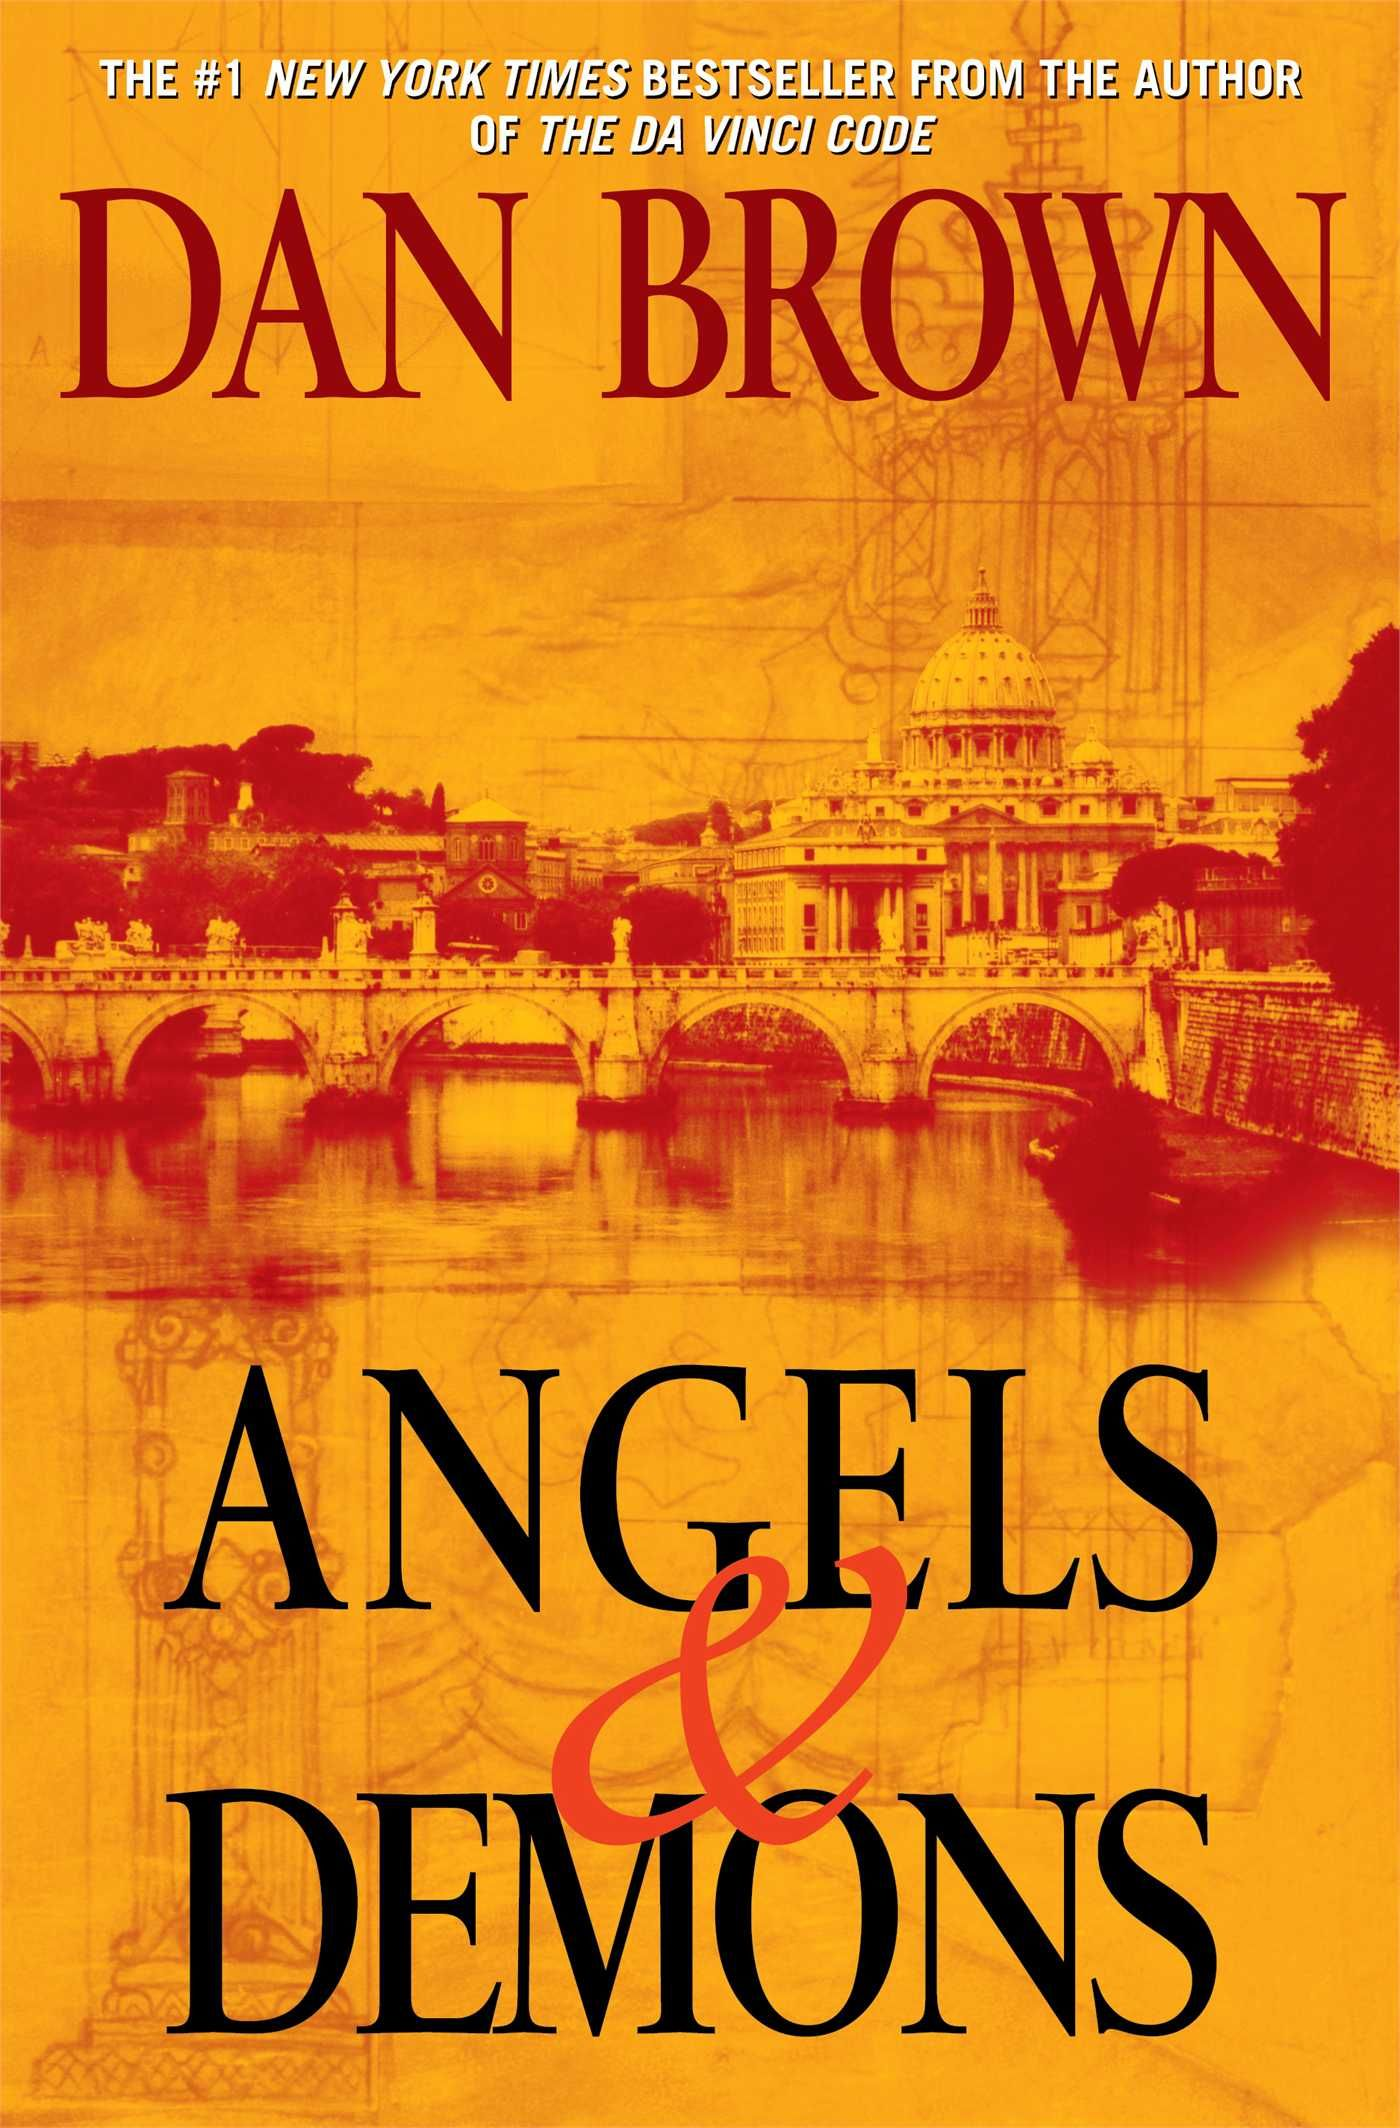 The Da Vinci Code (Robert Langdon 2) by Dan Brown